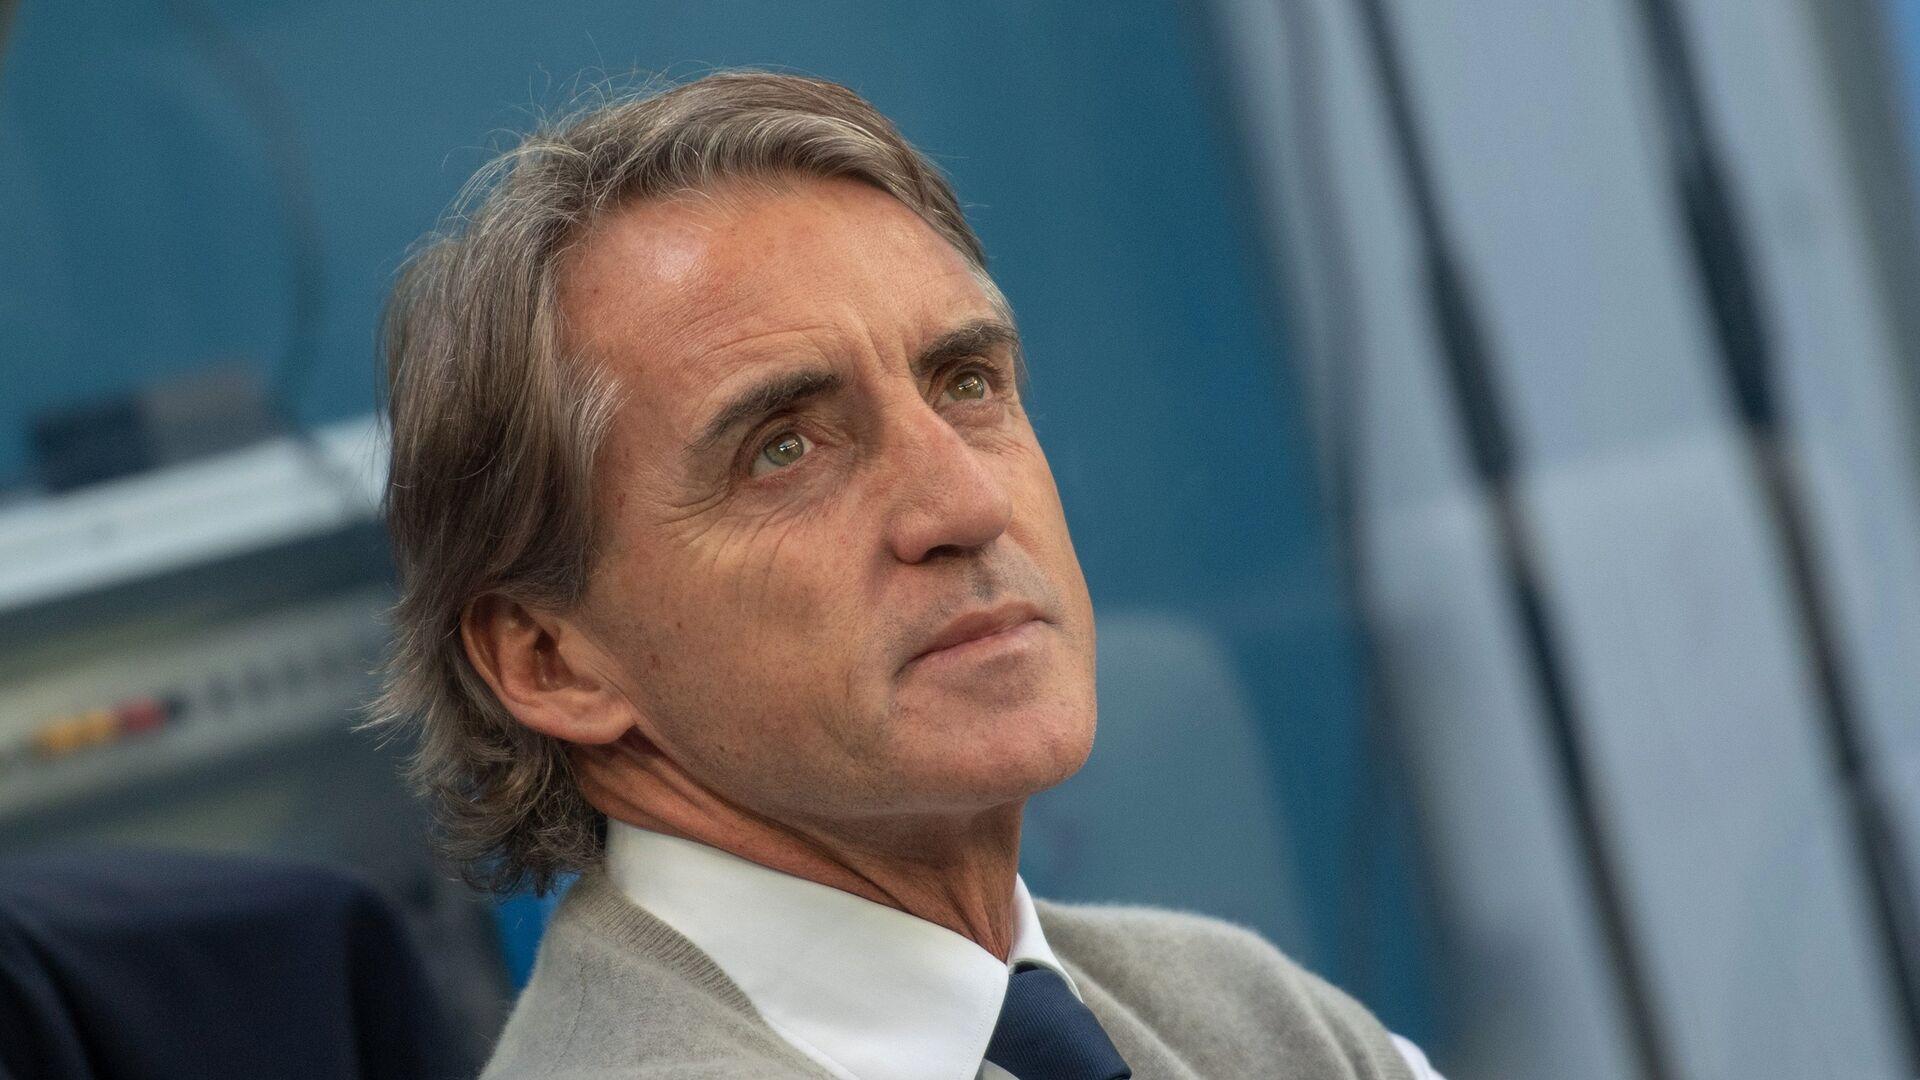 Roberto Mancini scruta il futuro, sarà azzurro? - Sputnik Italia, 1920, 09.09.2021